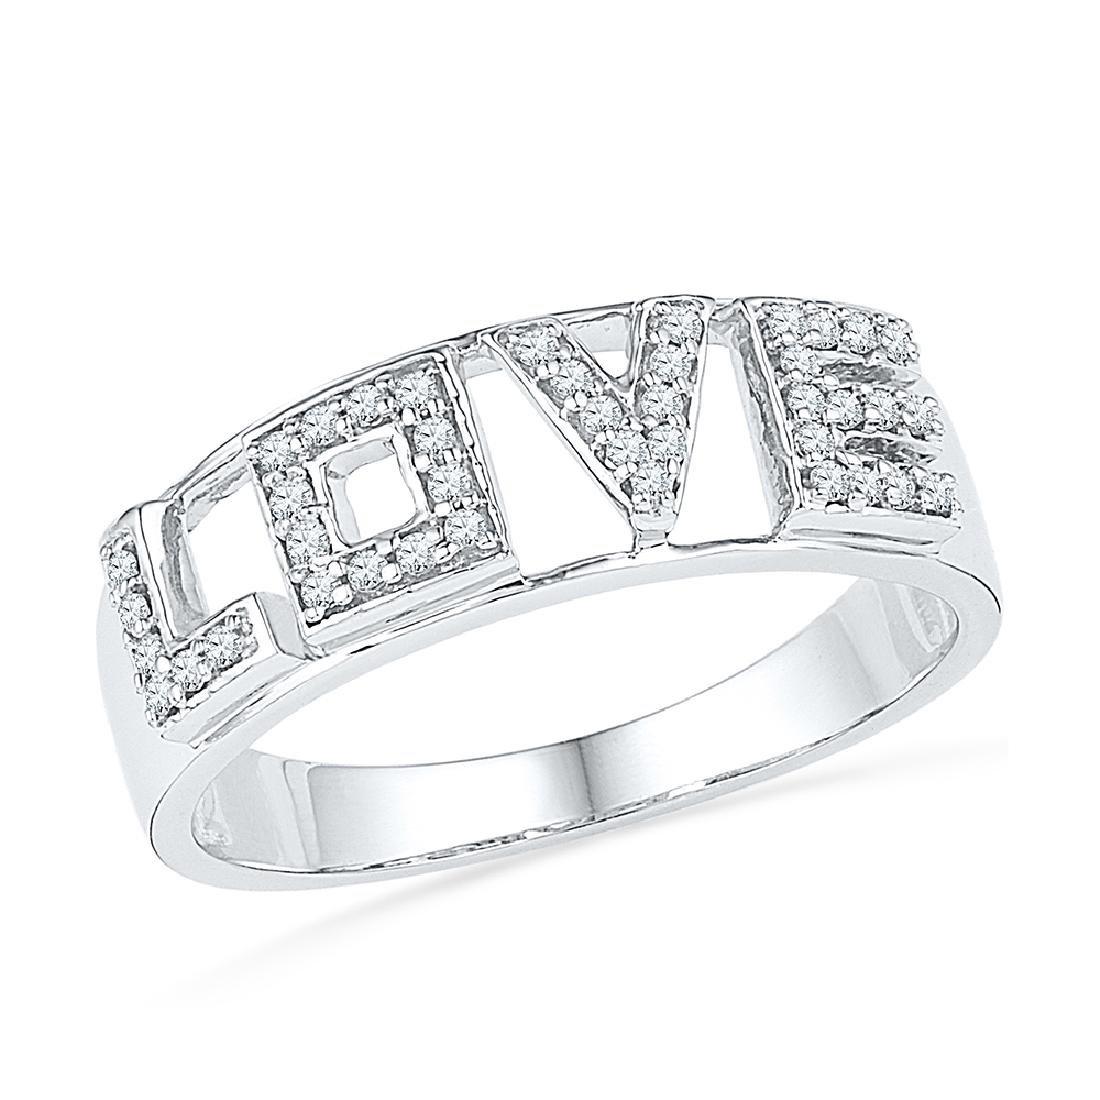 0.16 CTW Diamond Love Ring 10KT White Gold - REF-19N4F